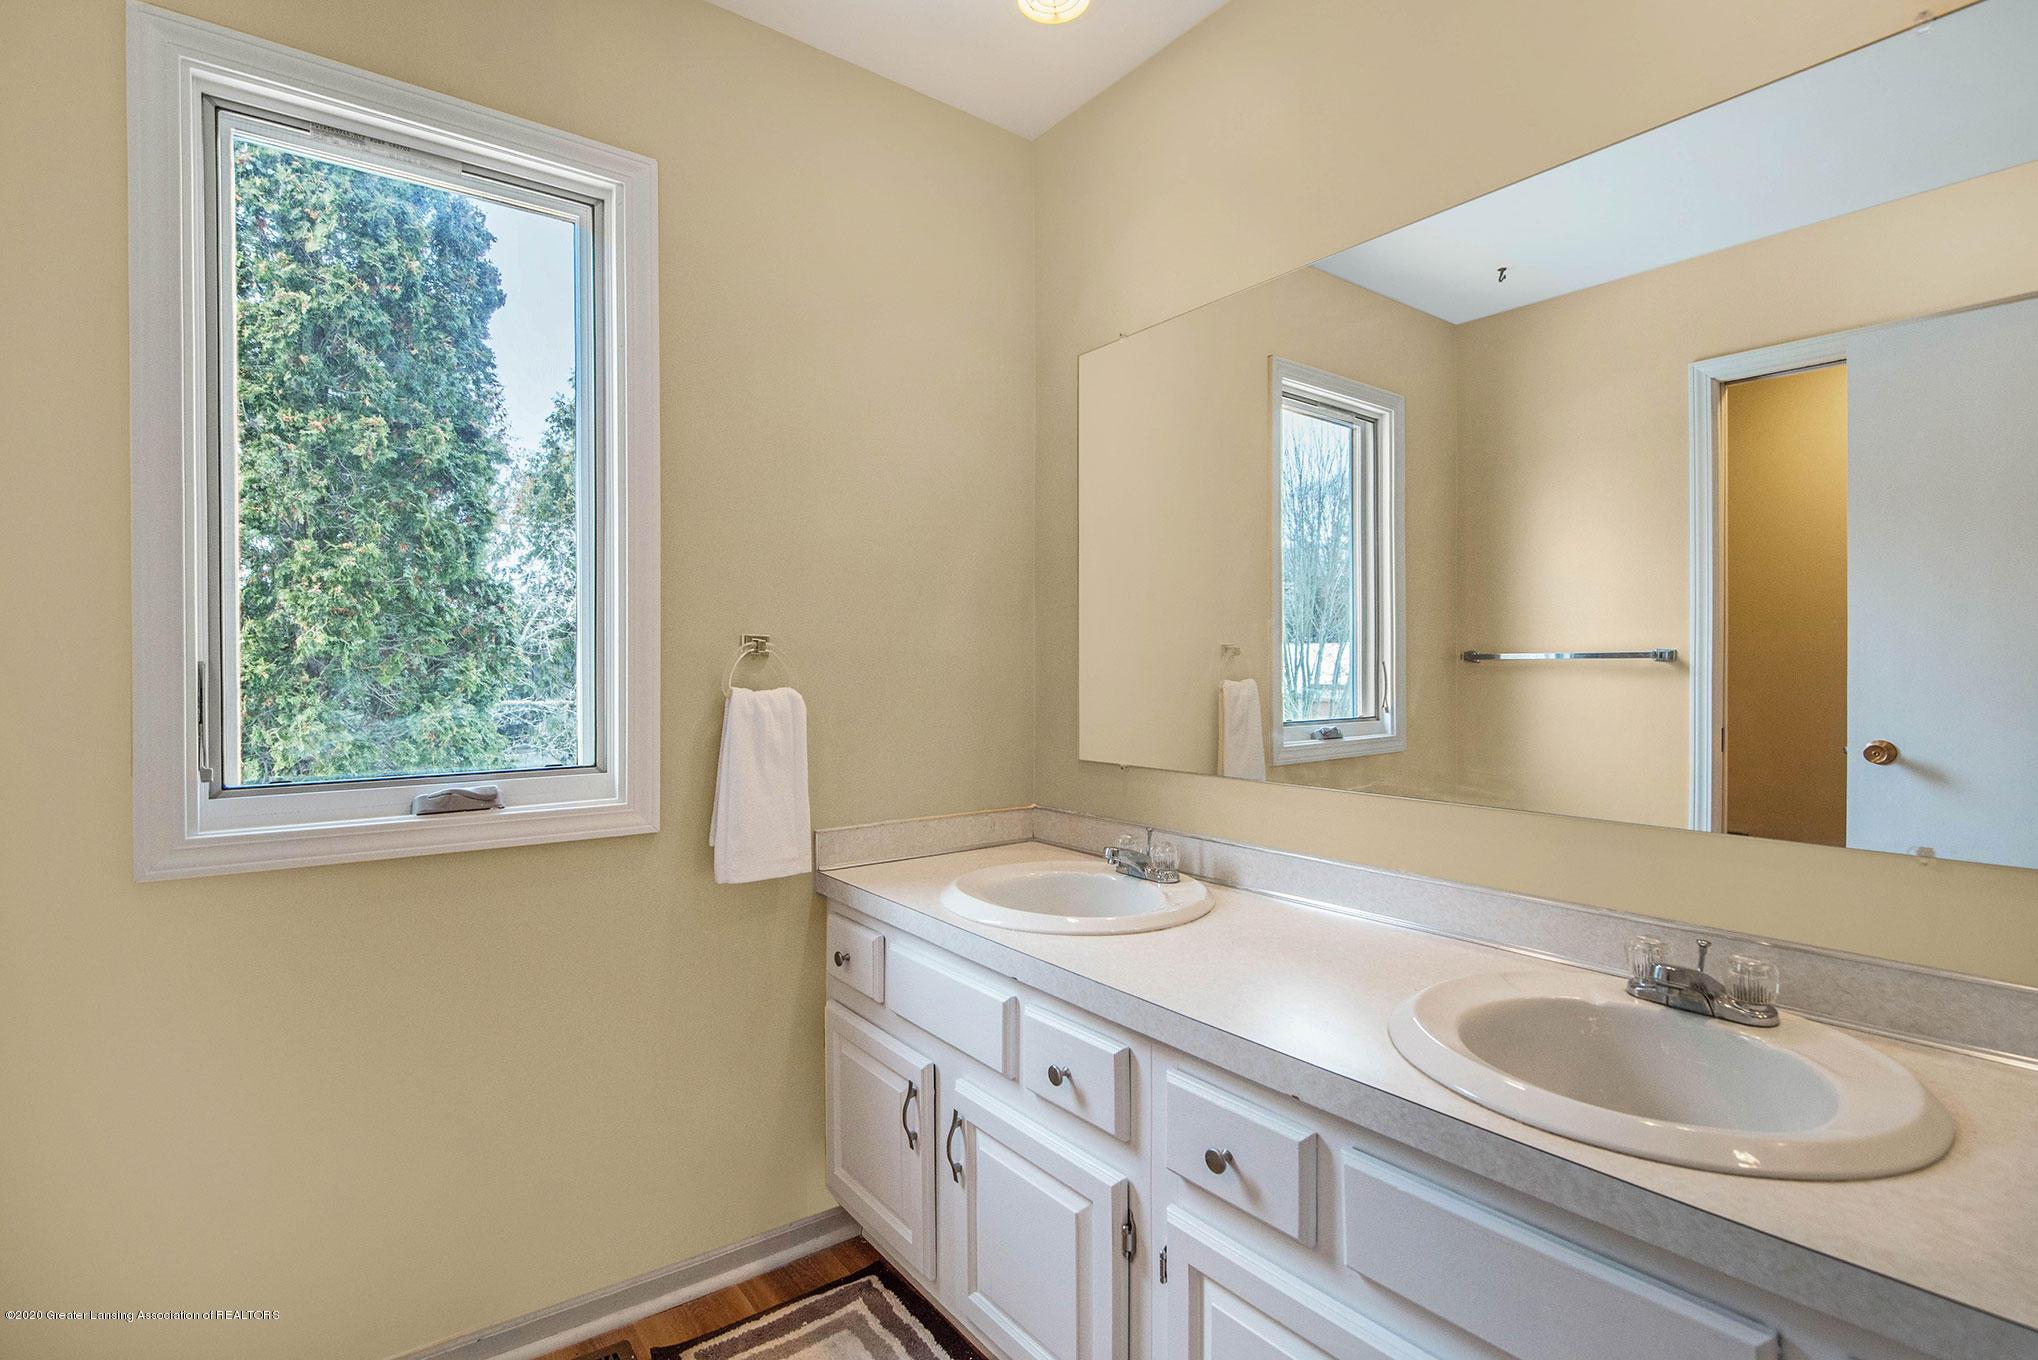 2592 Woodhill Dr - Bathroom - 17